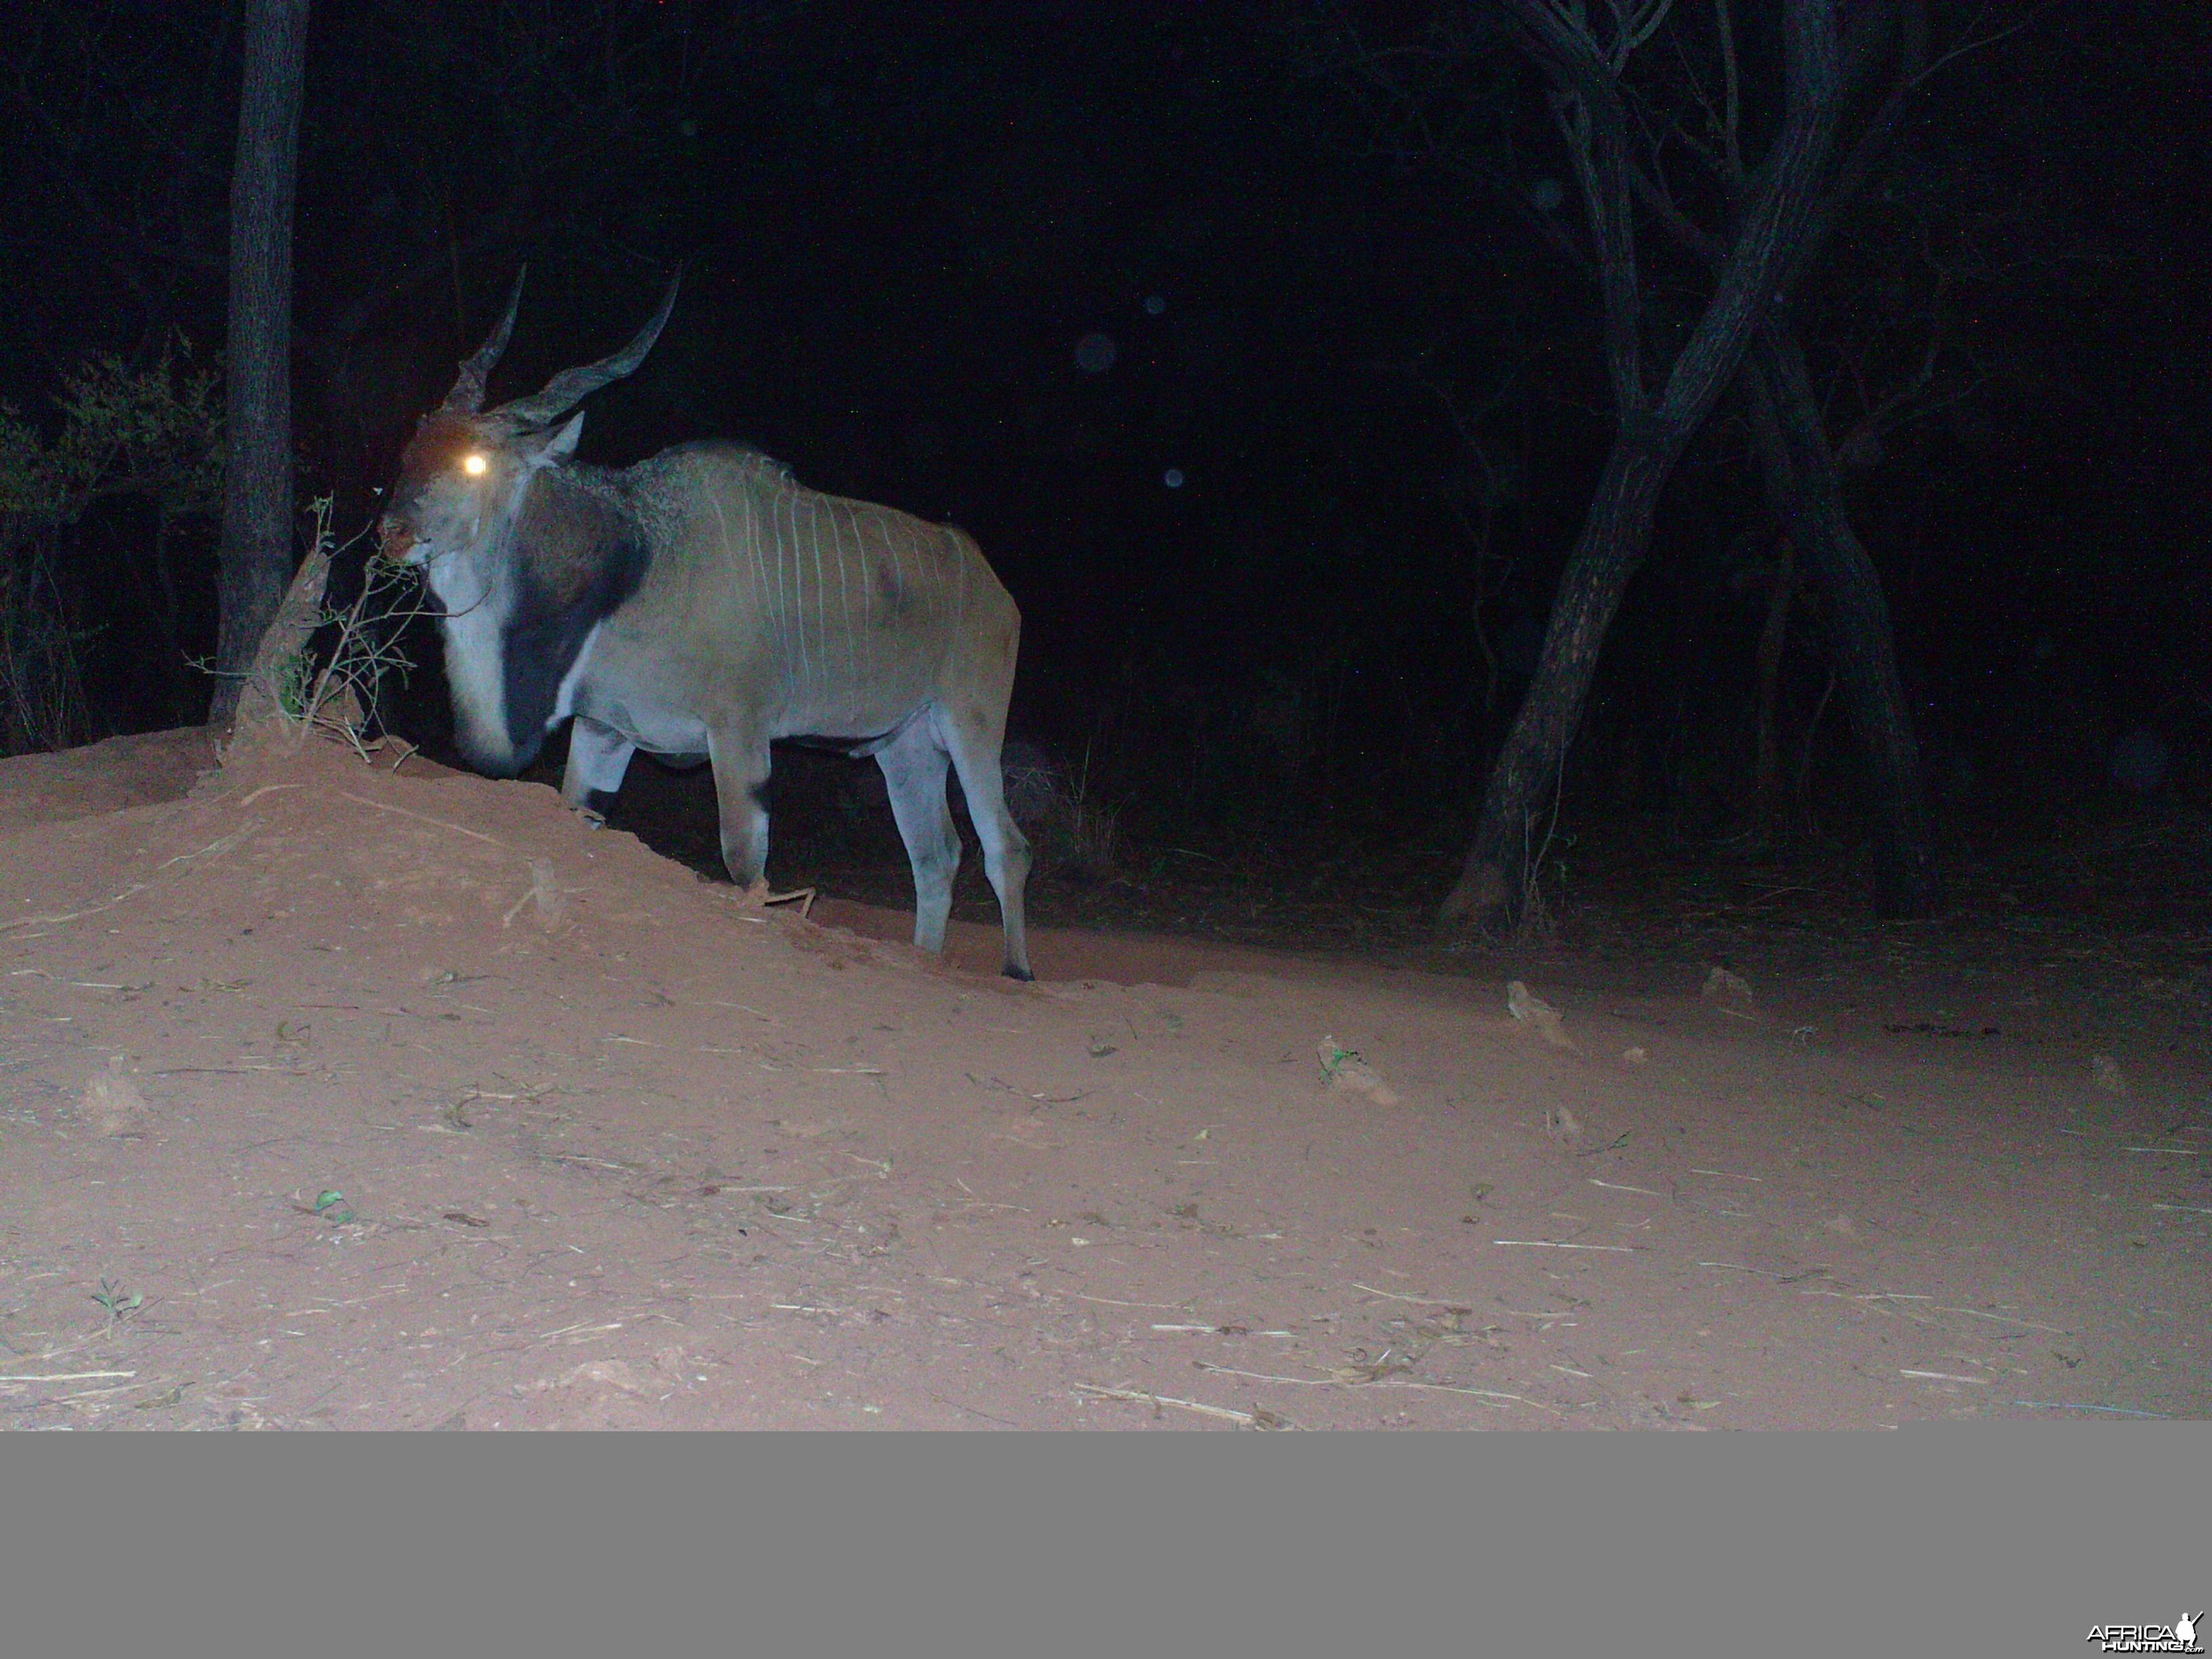 Giant Eland on Trail Camera